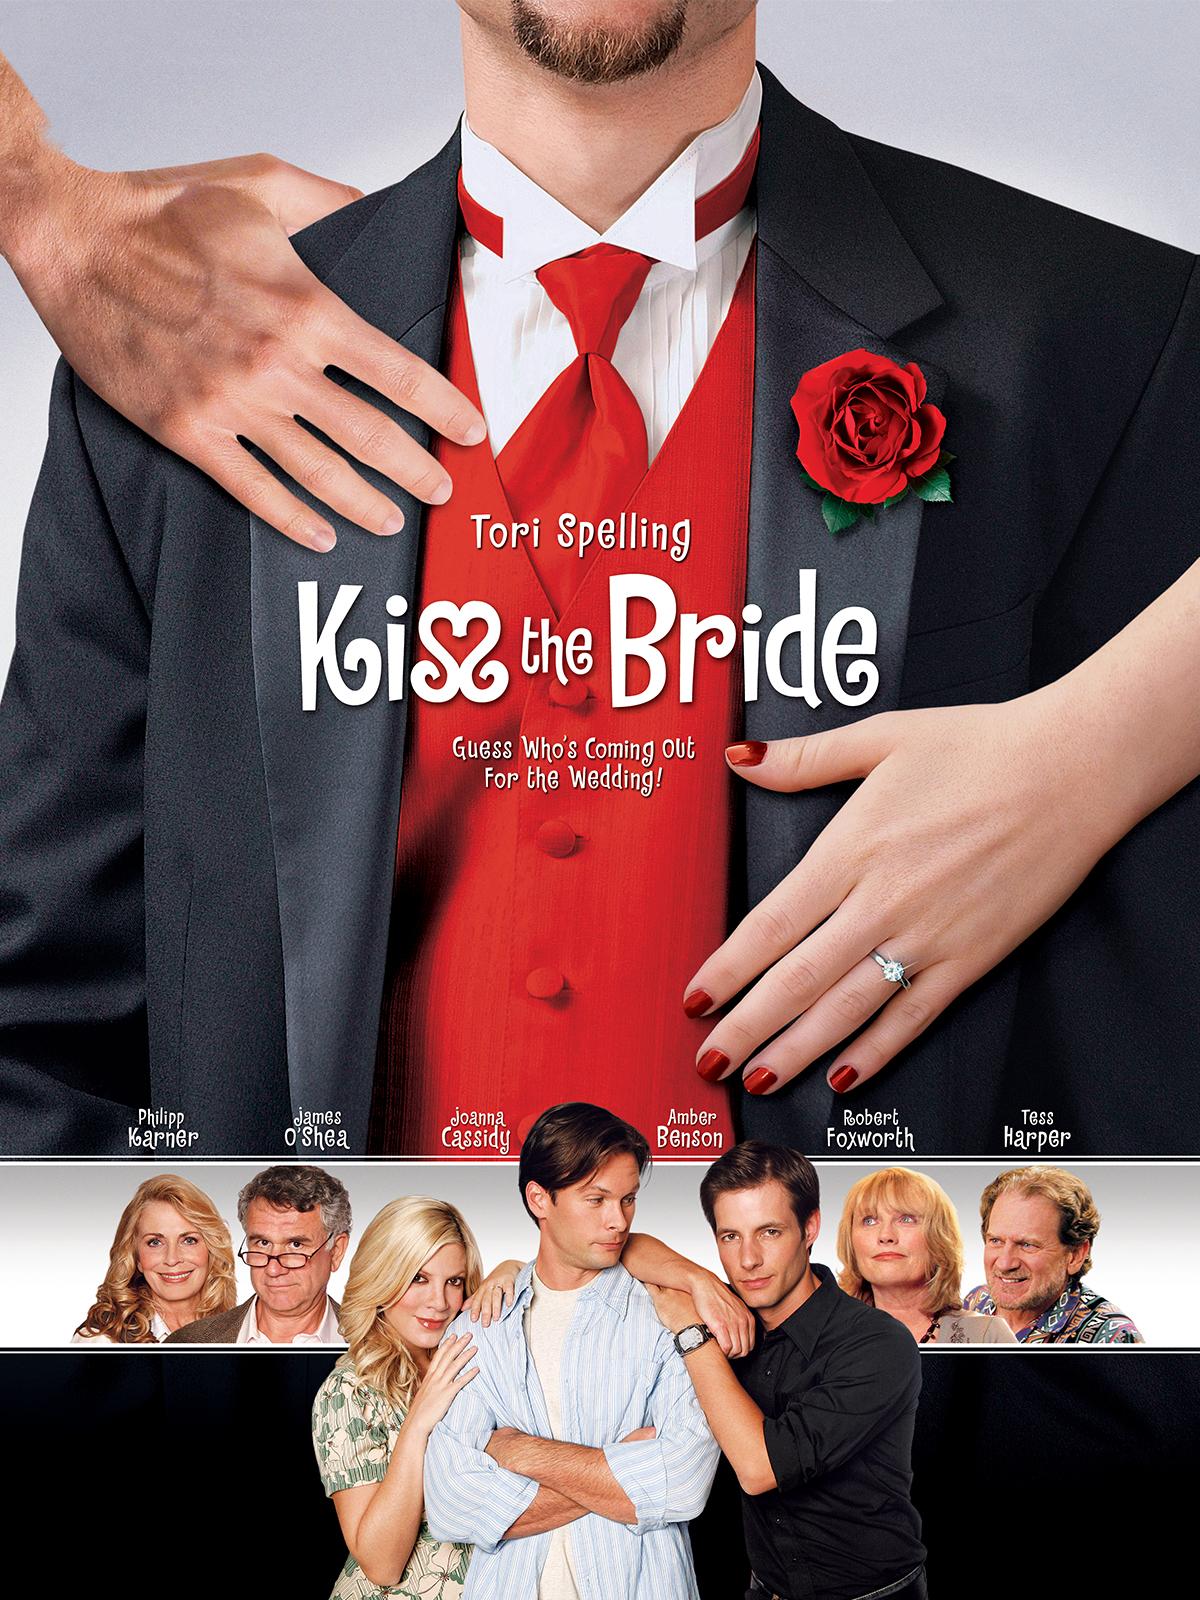 Here-KissTheBride-Full-Image-en-US-R1.jpg